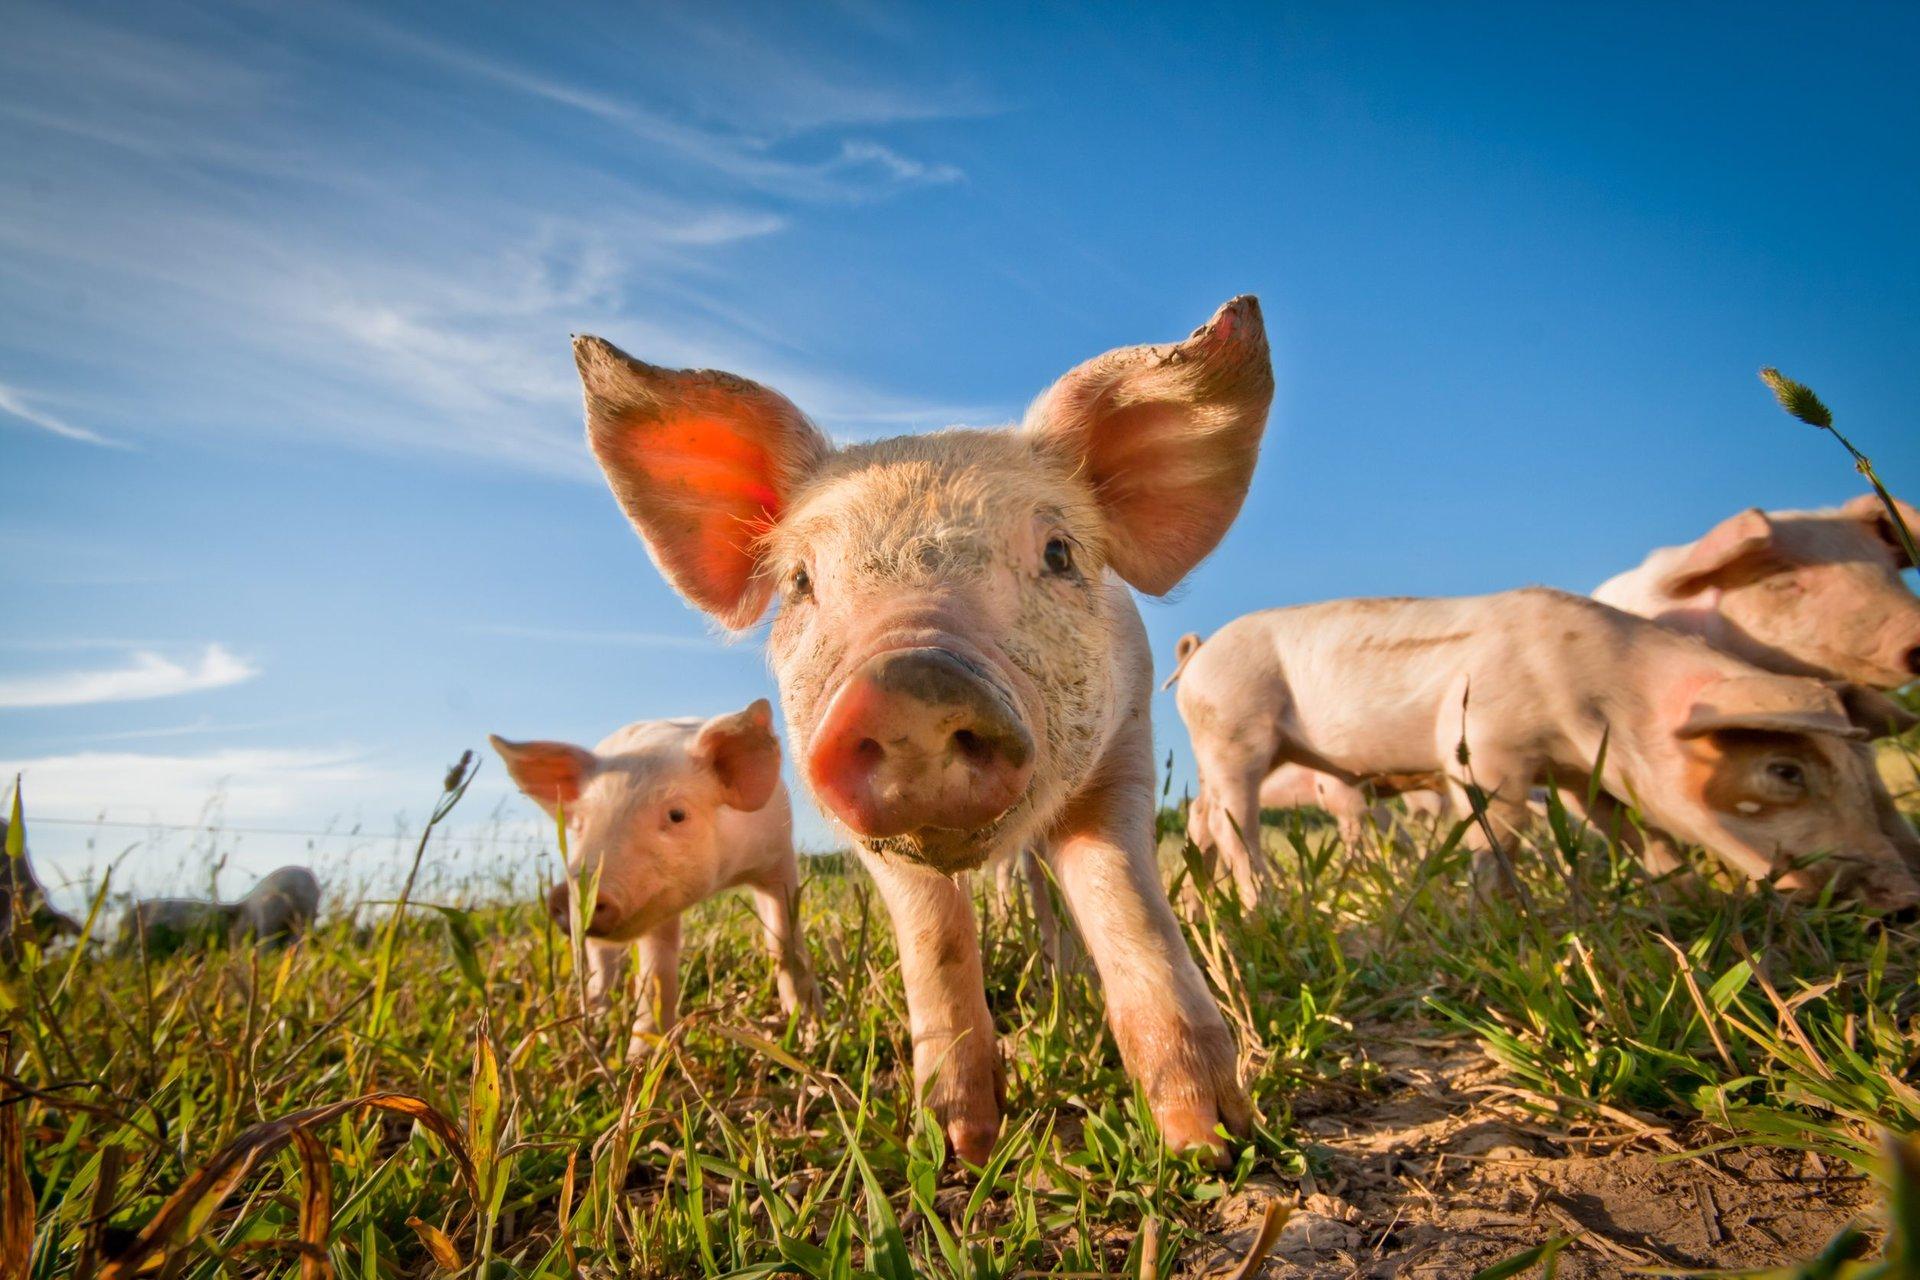 Kiaulių kepenų nauda sveikatai - Sultys